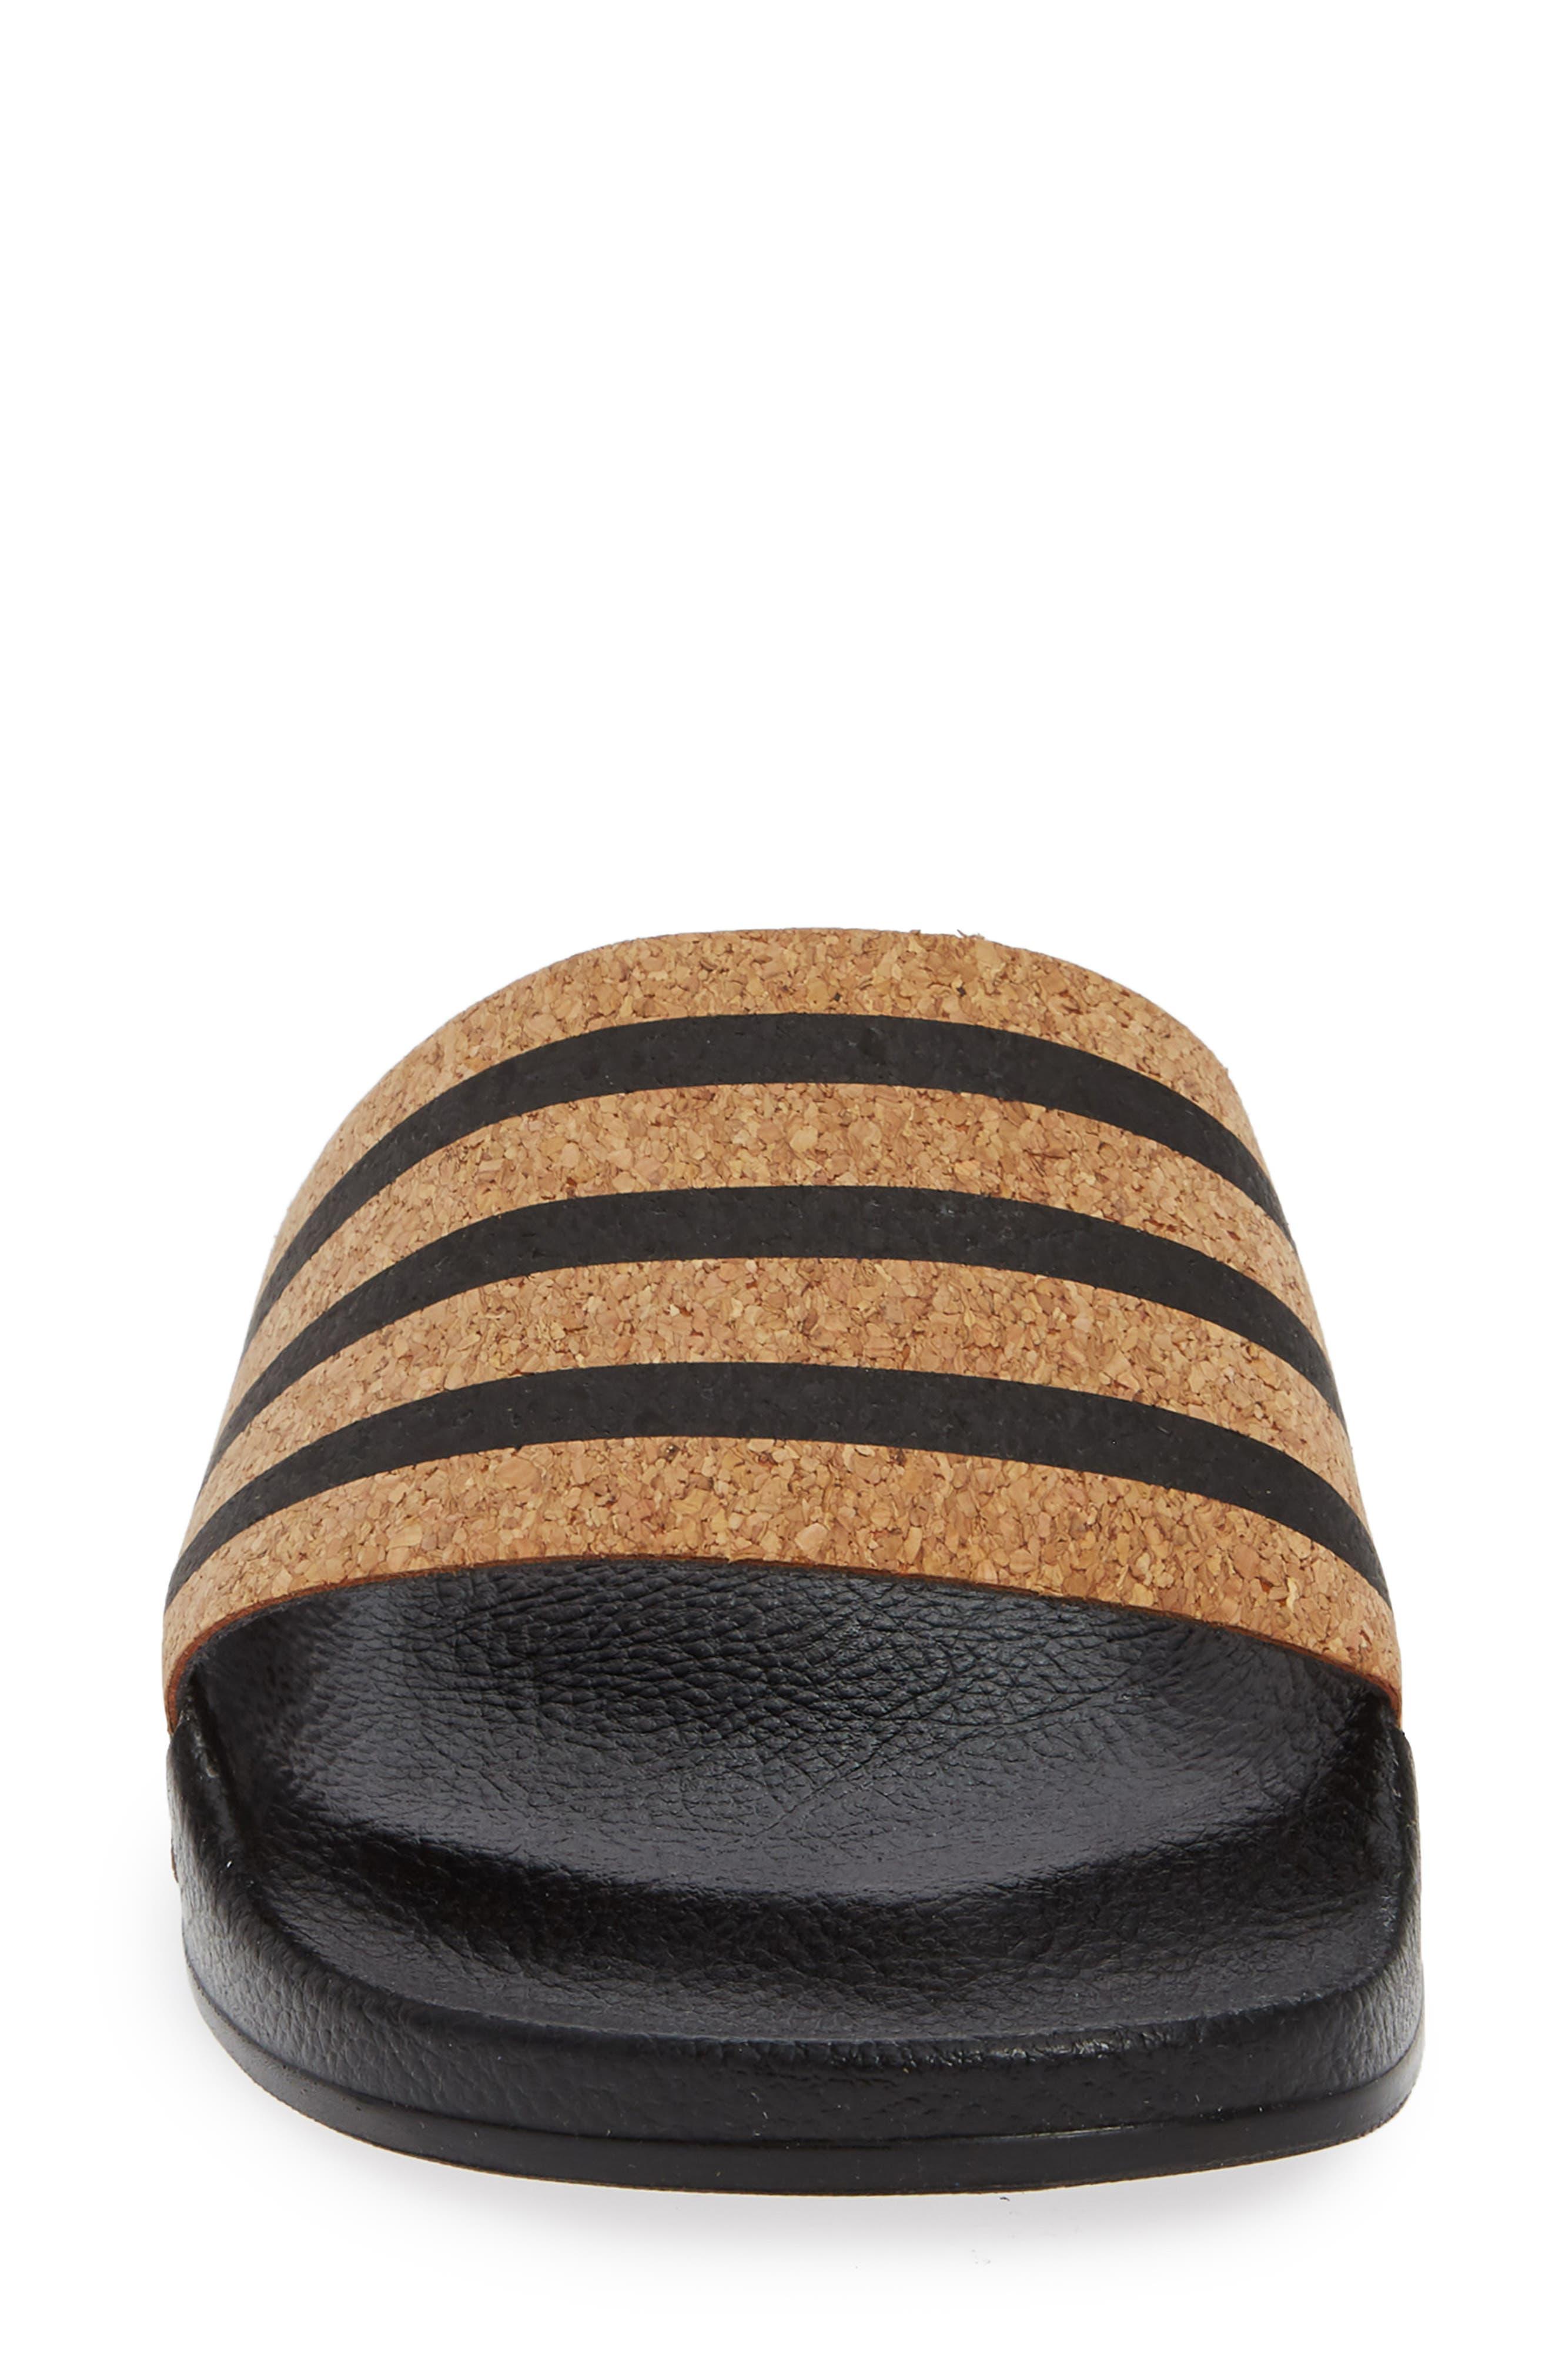 'Adilette' Slide Sandal,                             Alternate thumbnail 4, color,                             CORE BLACK/ CORE BLACK